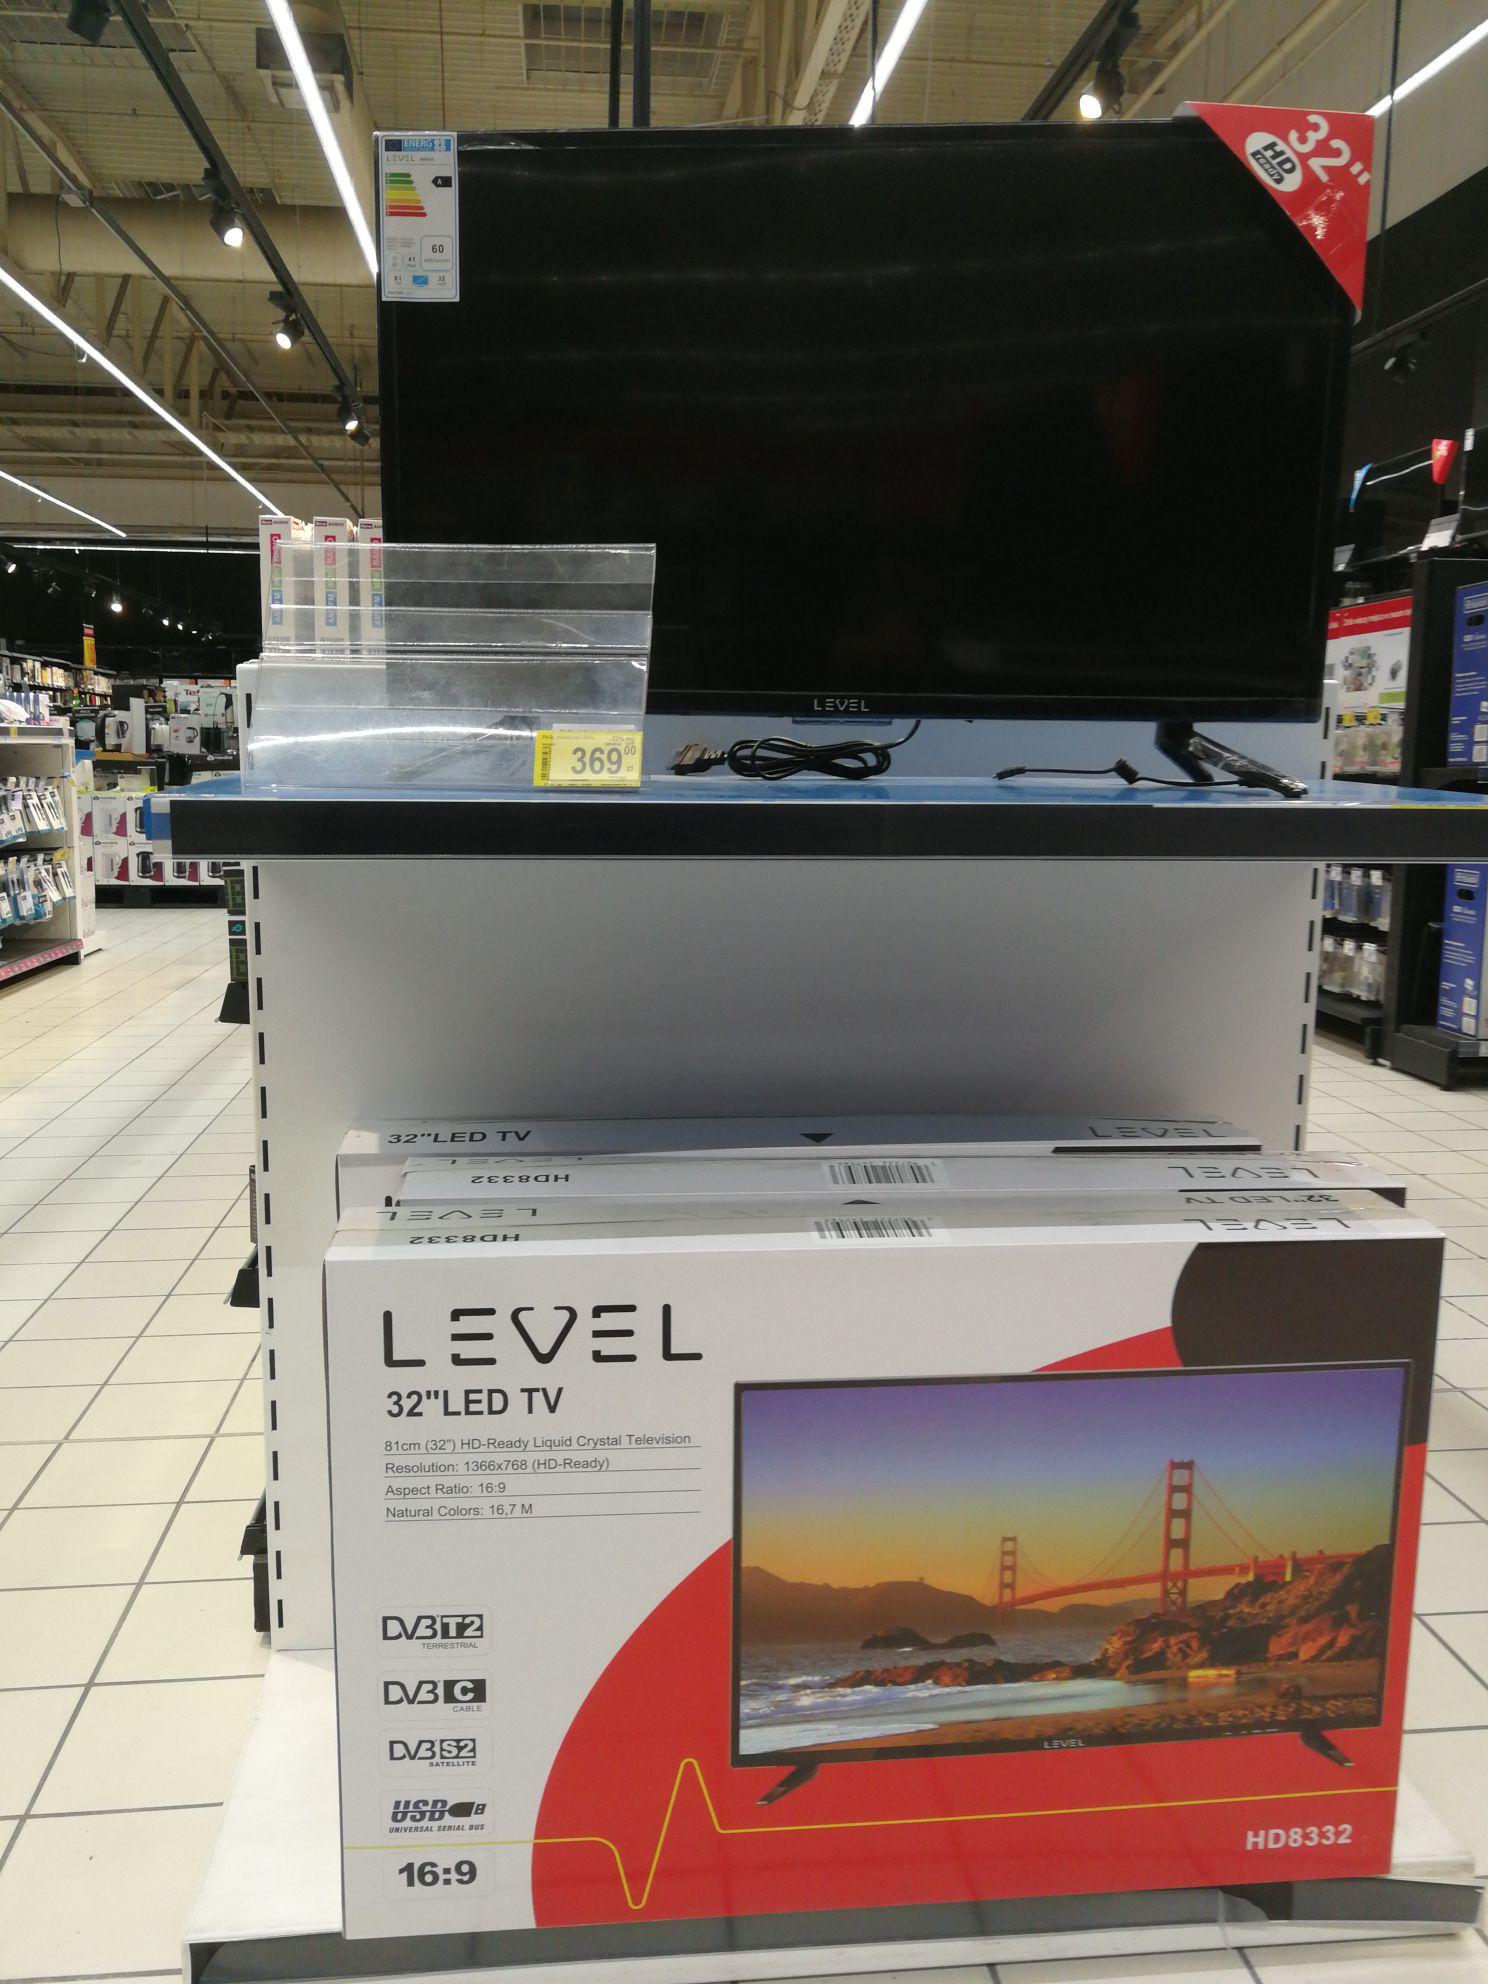 Telewizor 32 Level Carrefour